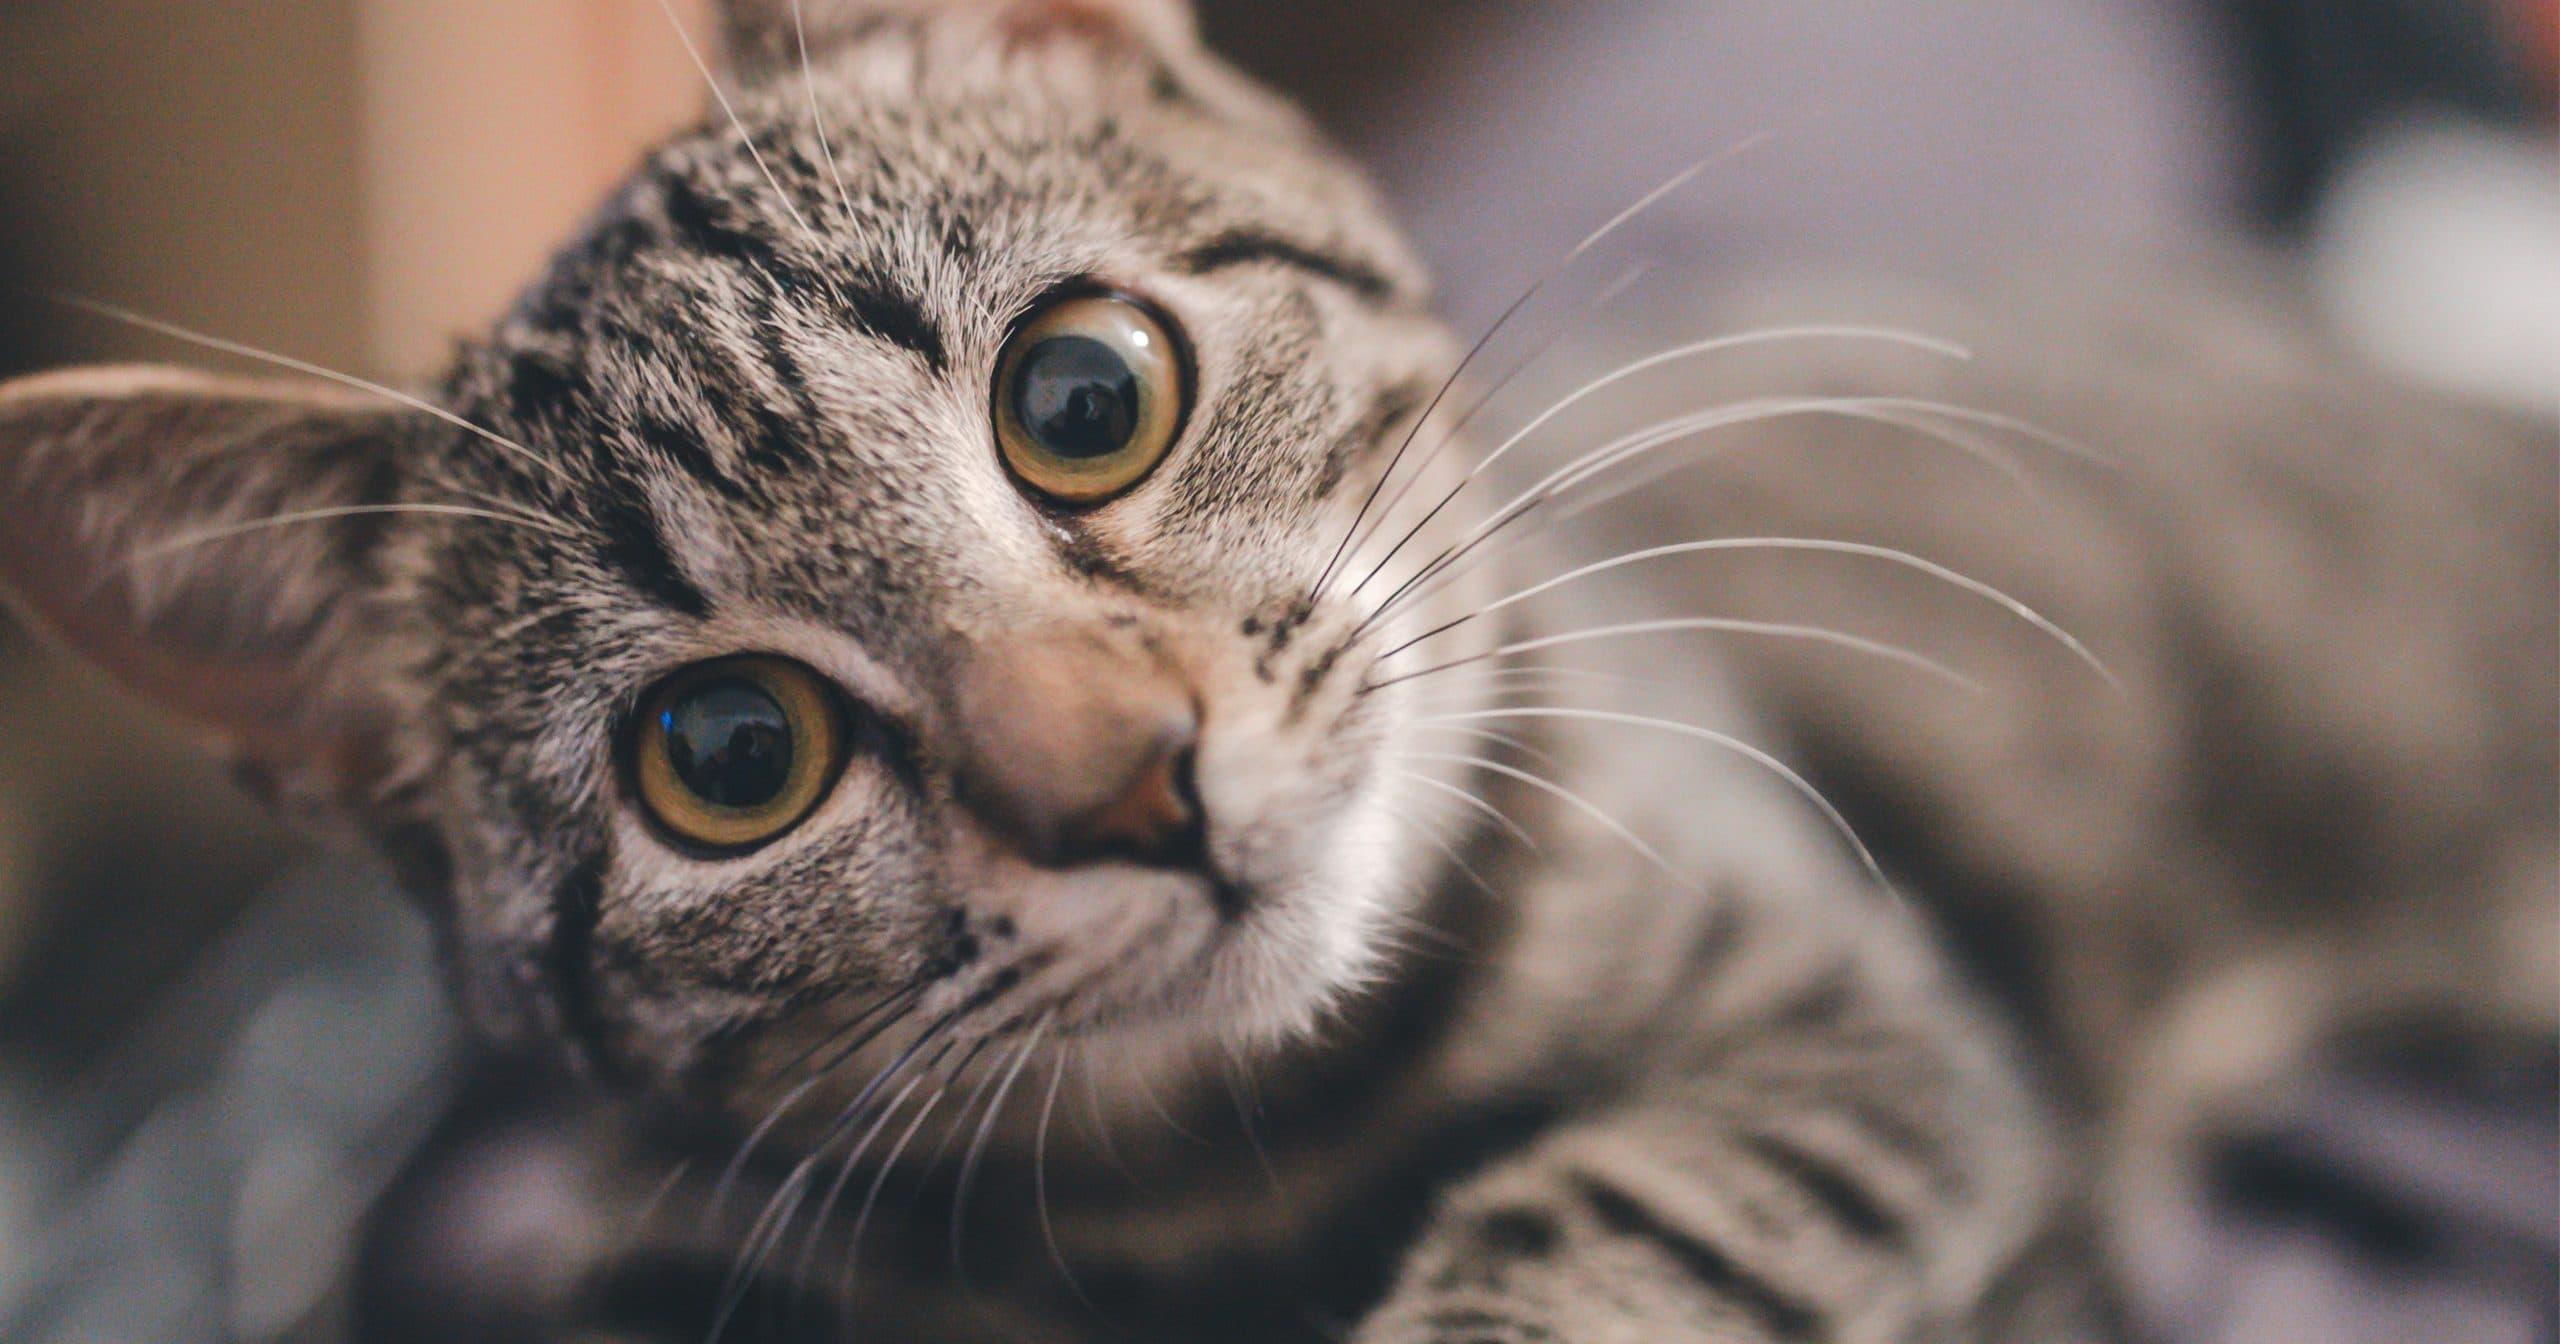 Las pupilas de los gatos pueden transmitirnos varios mensajes distintos